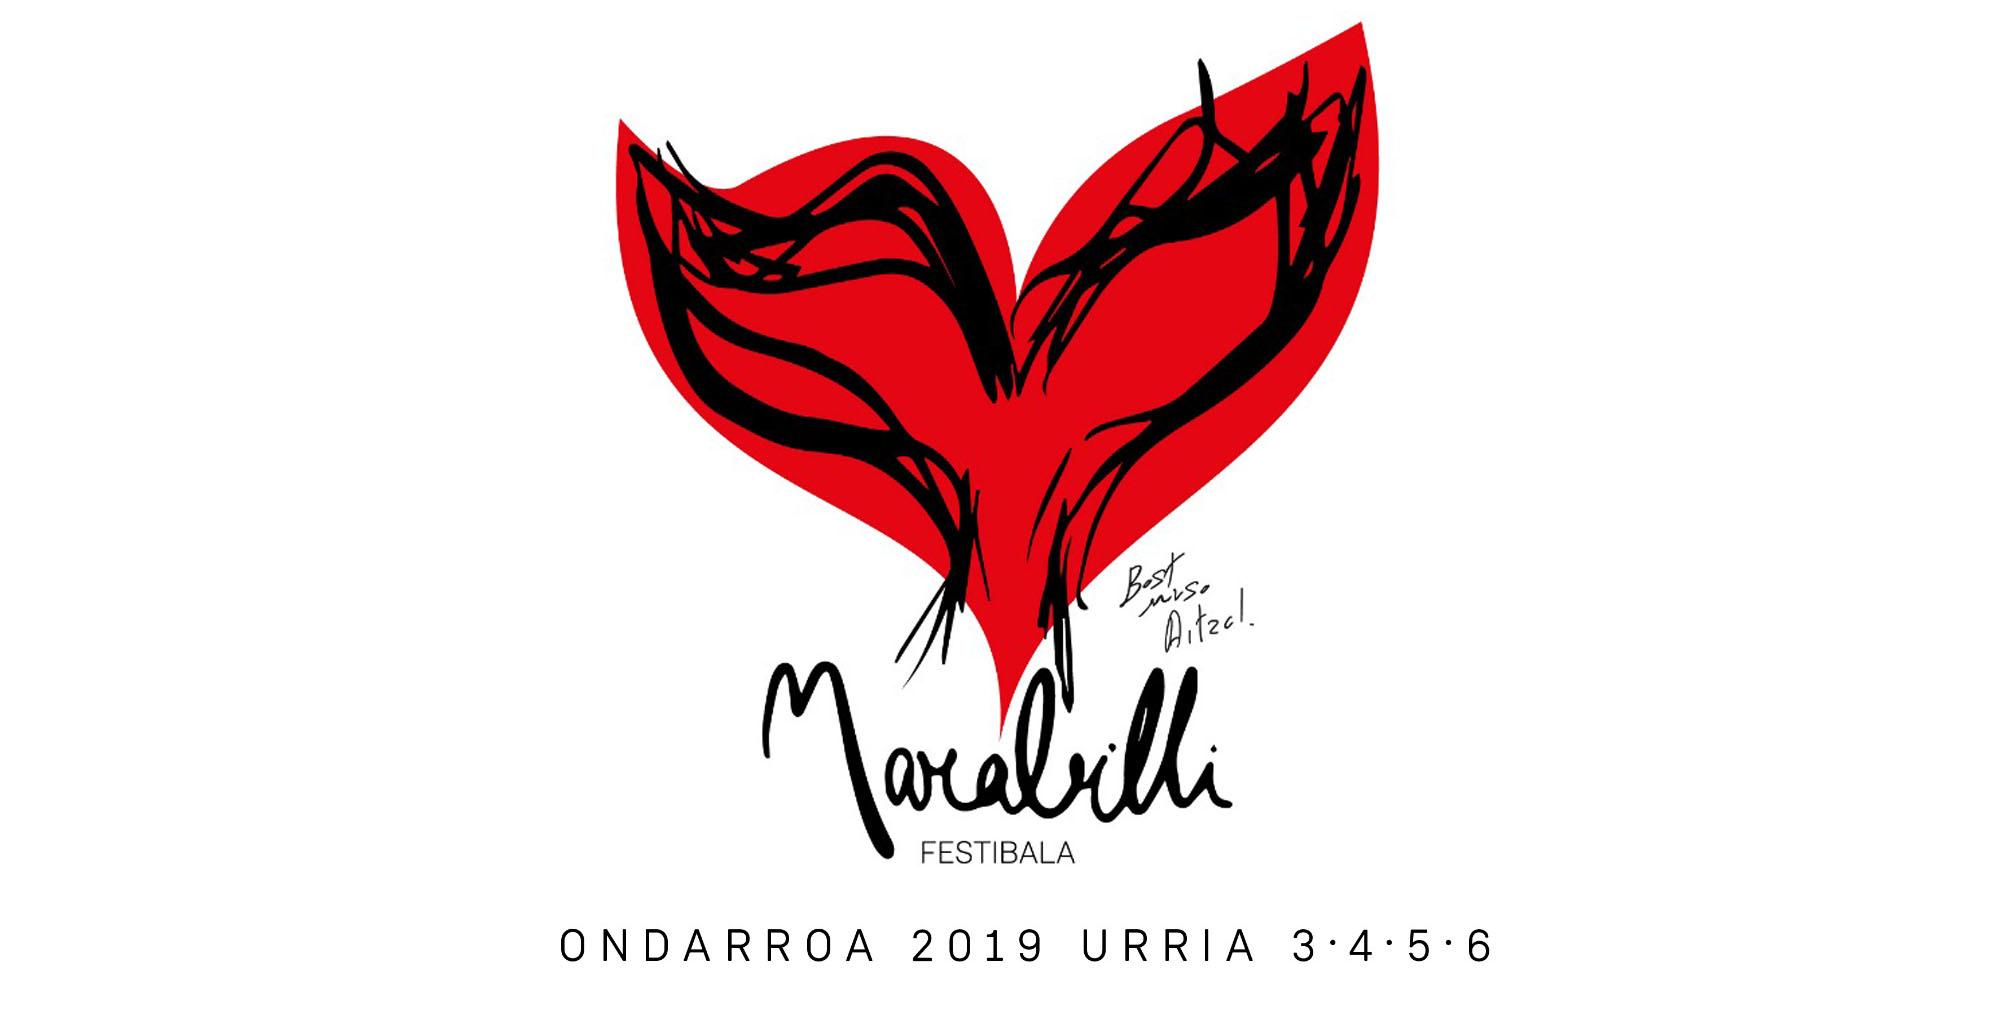 MARABILLI-LOGO-2019